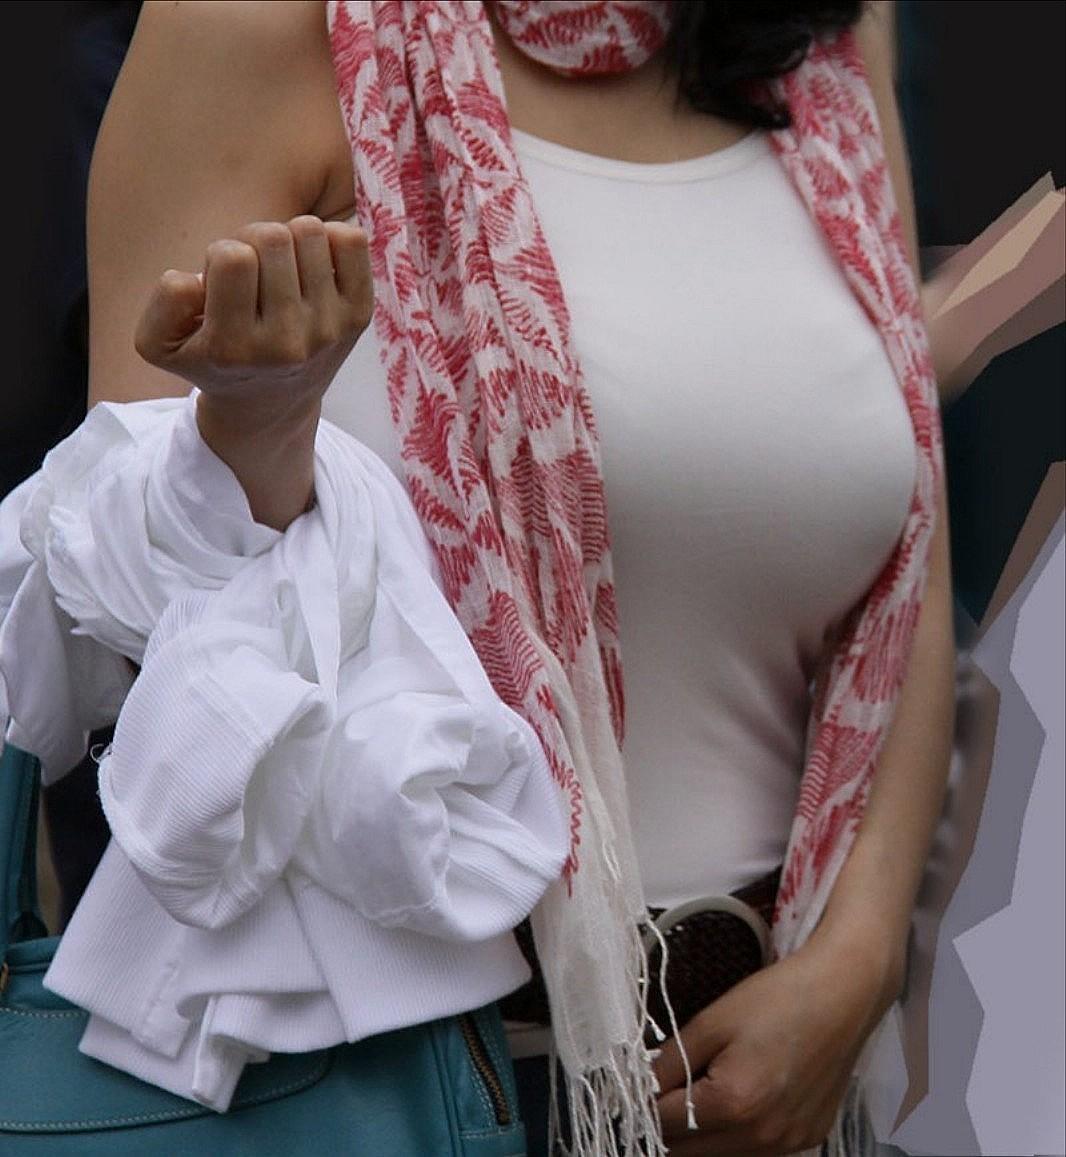 【着衣巨乳エロ画像】重そうですね、支えましょうかw攻略してみたい街の巨乳素人www!www 15